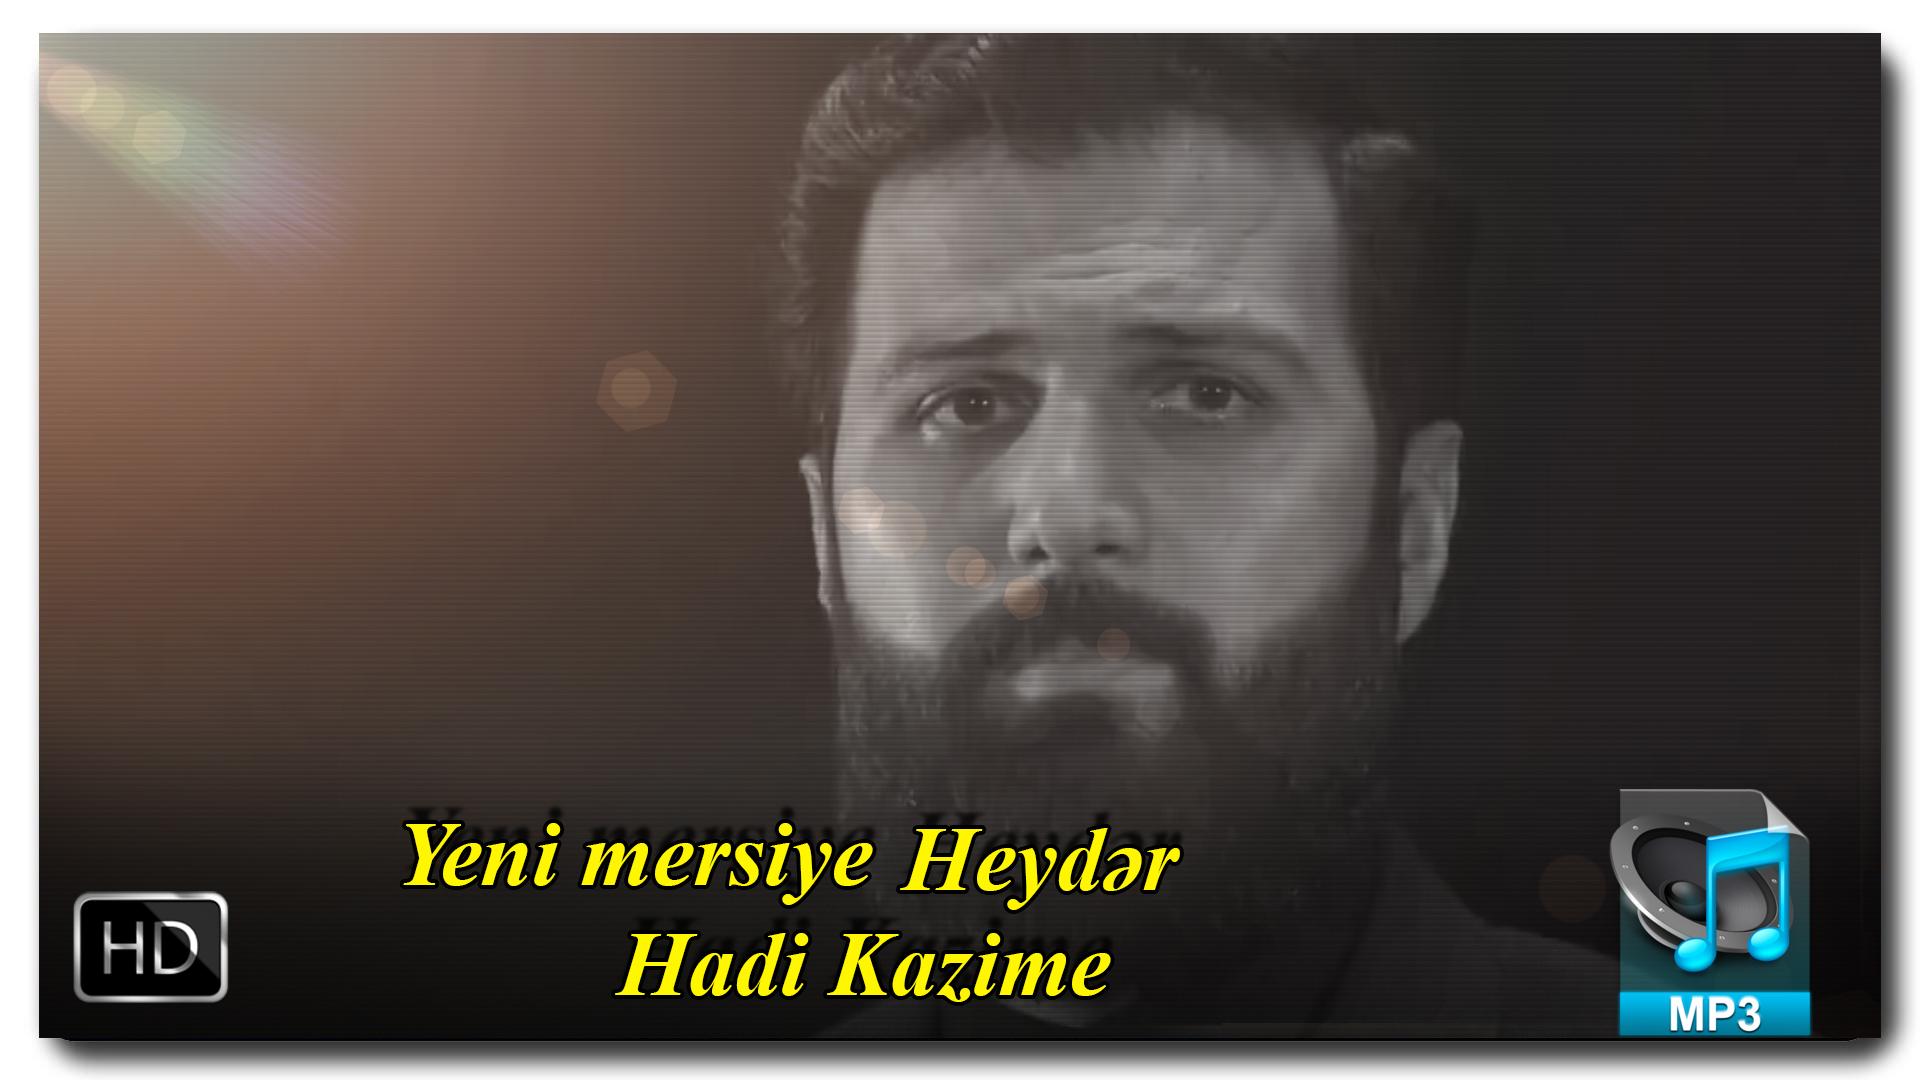 Yeni Mərsiyə | Hadi Kazimi| Heydər|İlkdəfə YA-ƏLİ saytında|